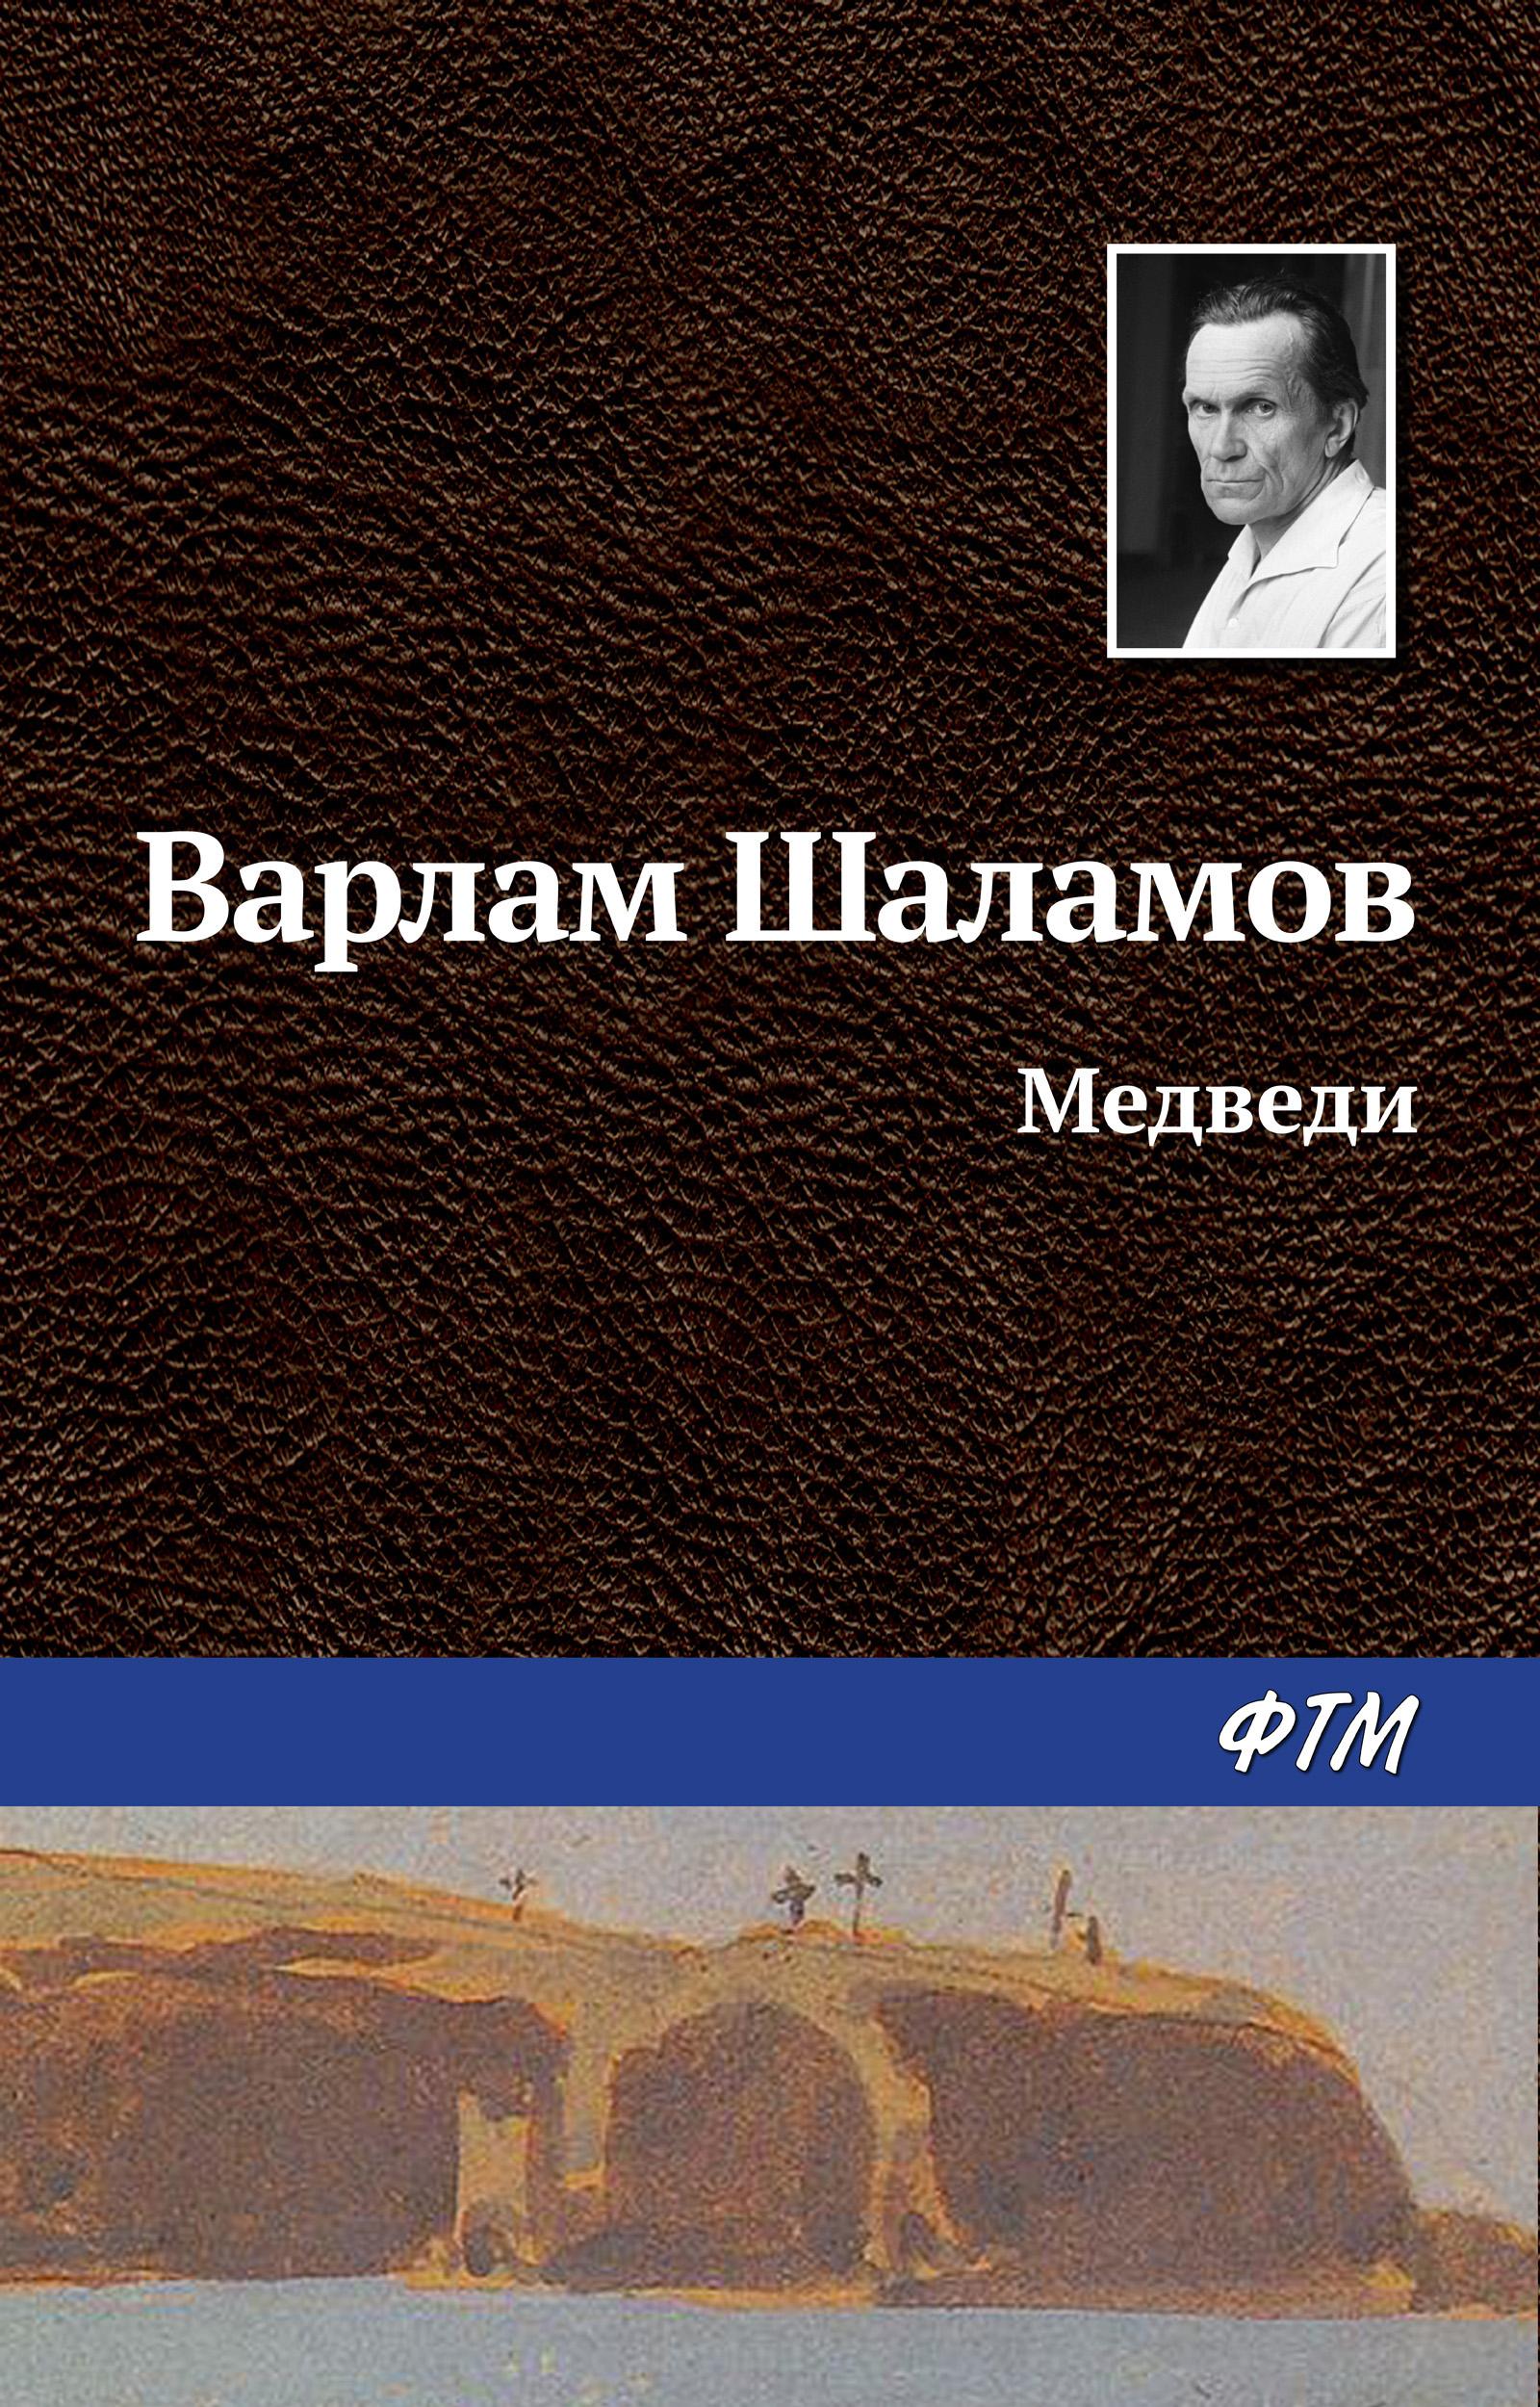 Варлам Шаламов Медведи